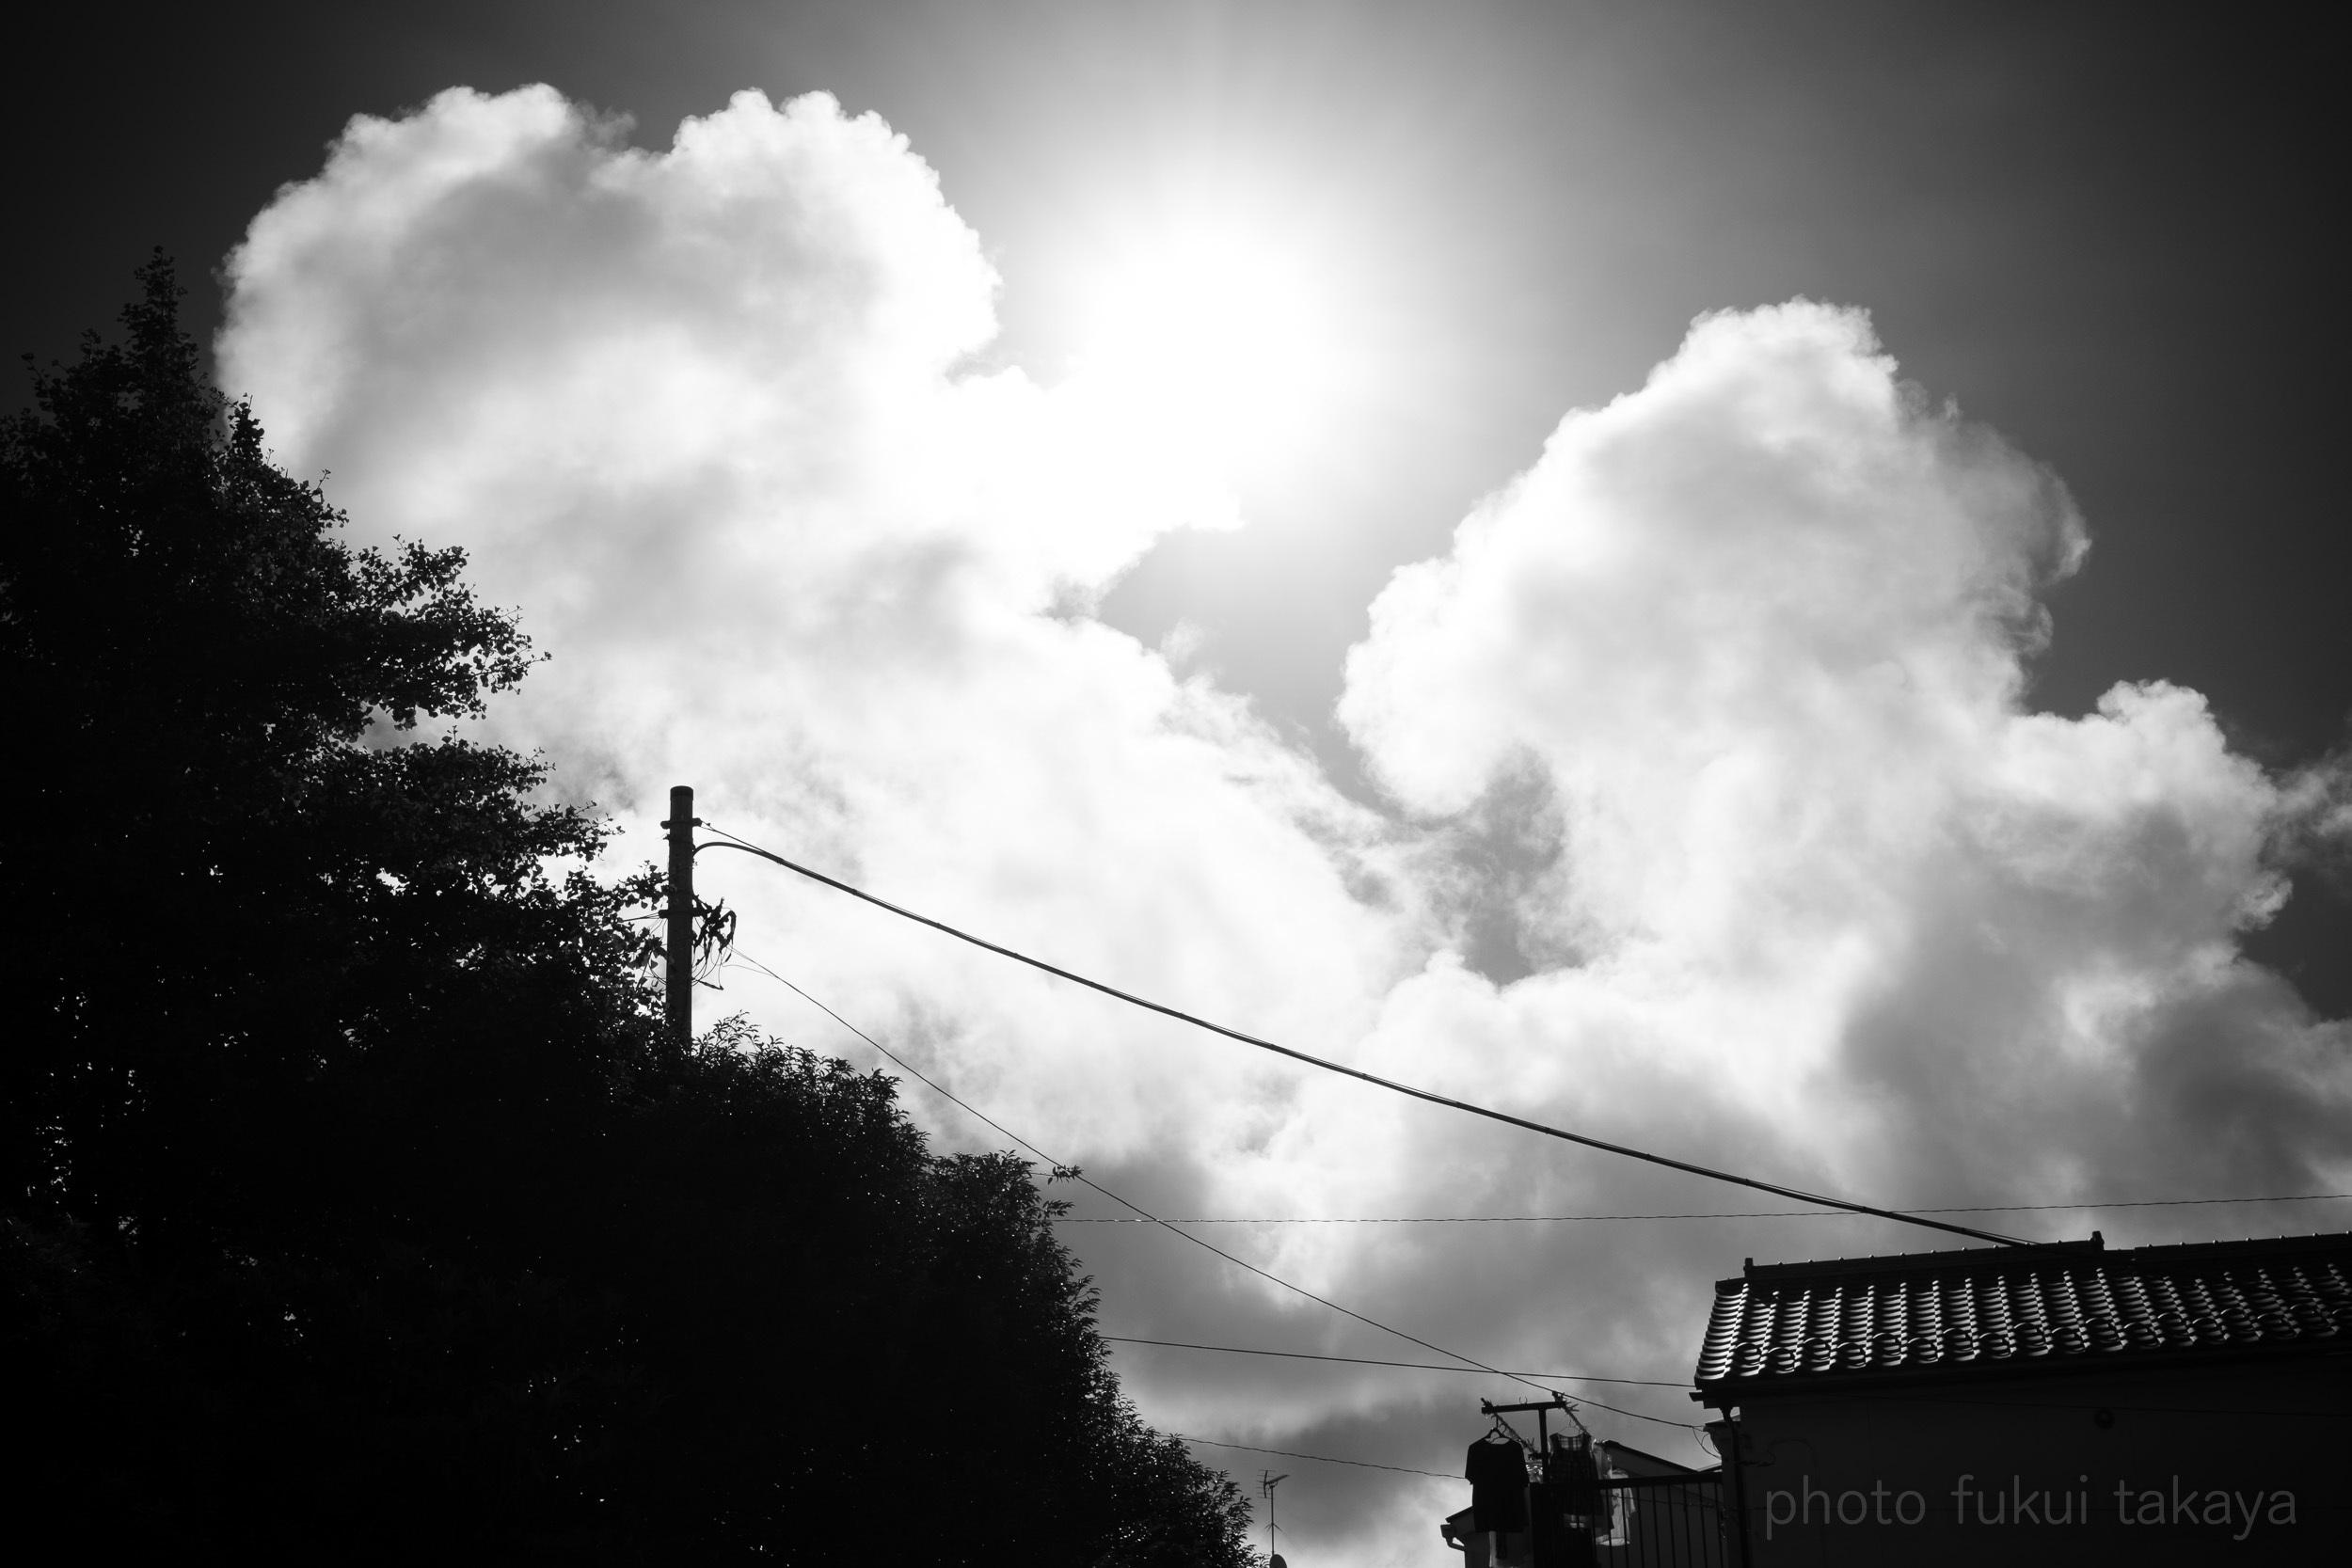 夏が好き!とか言っていたのは遠い昔の話だ。_e0044885_14472534.jpeg